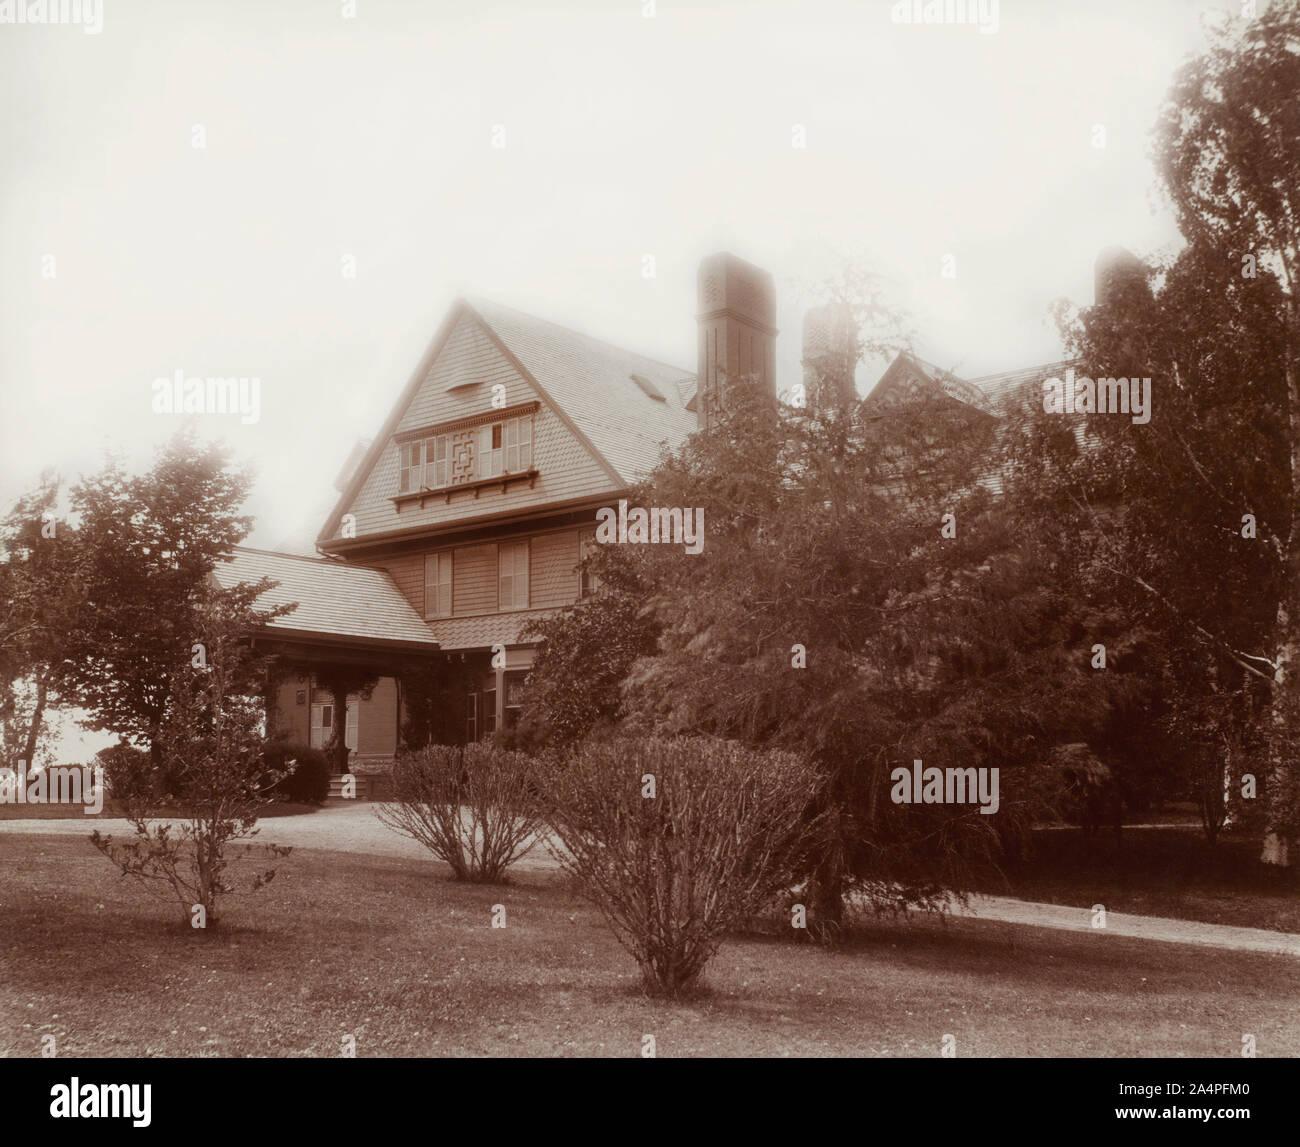 Theodore Roosevelt de la casa, el Sagamore Hill, Oyster Bay, Nueva York, Estados Unidos, Fotografía por Waldon Fawcett, mayo de 1903 Foto de stock